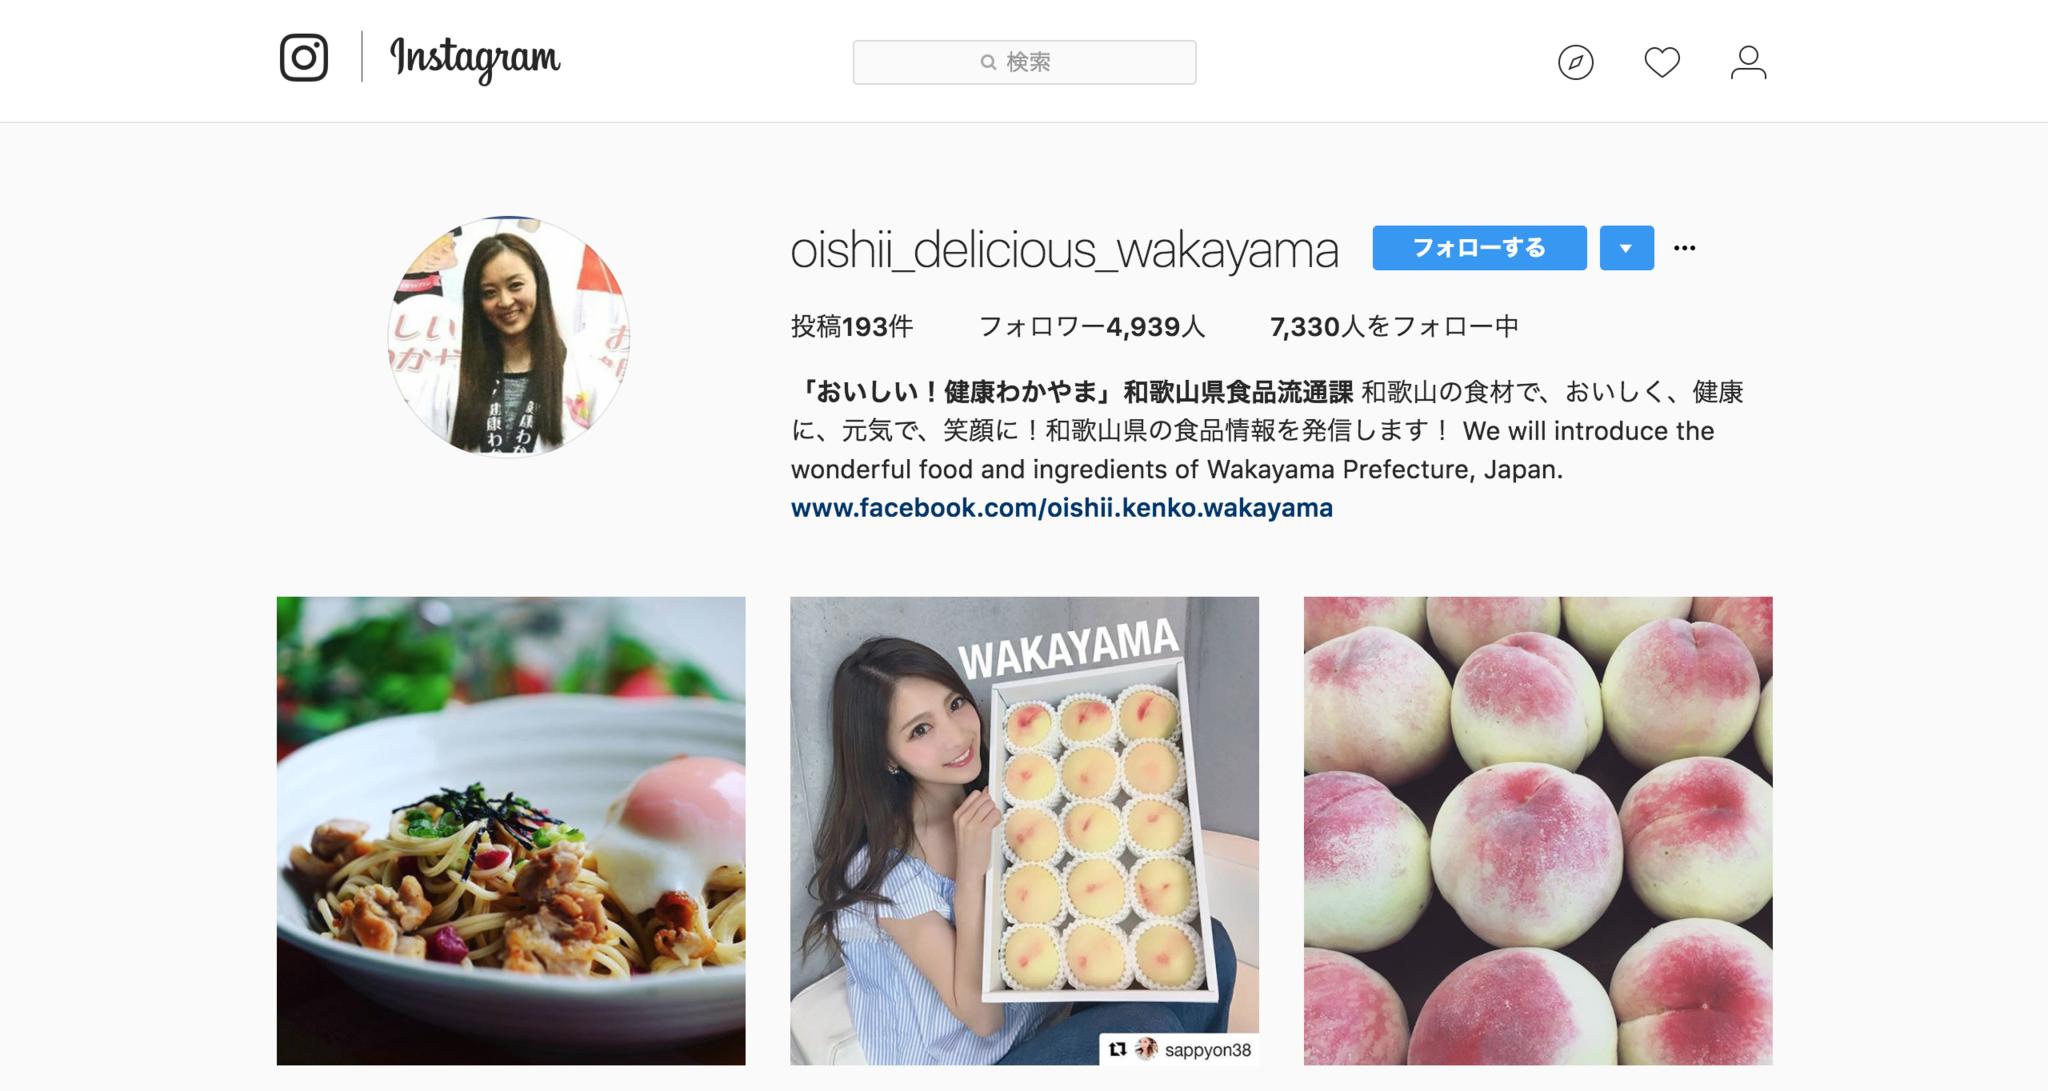 「おいしい!健康わかやま」和歌山県食品流通課さん__oishii_delicious_wakayama__•_Instagram写真と動画.png